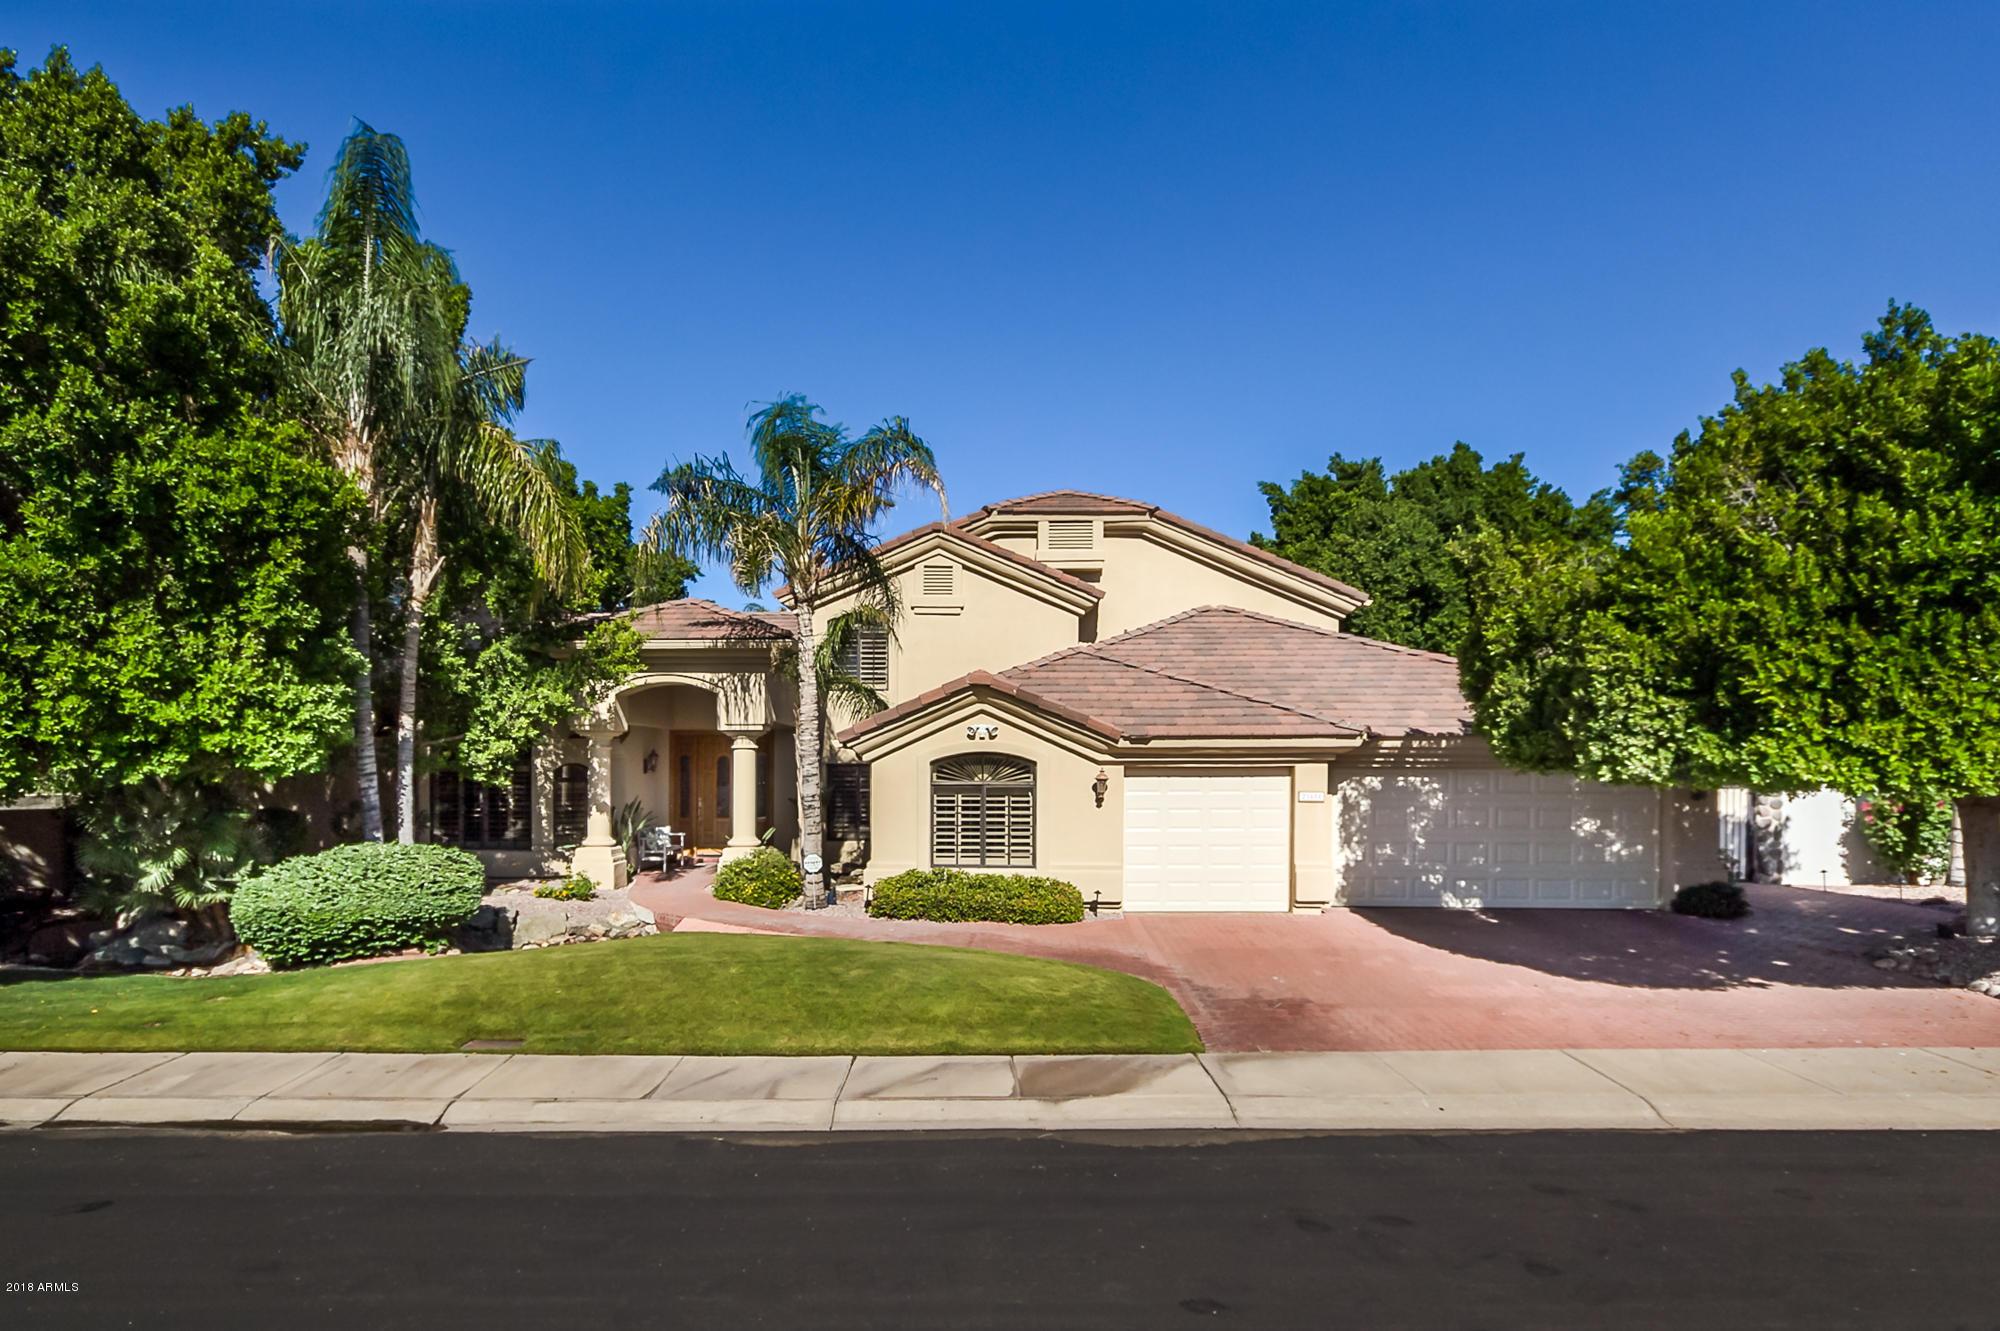 21680 N 56TH Avenue, Glendale, Arizona